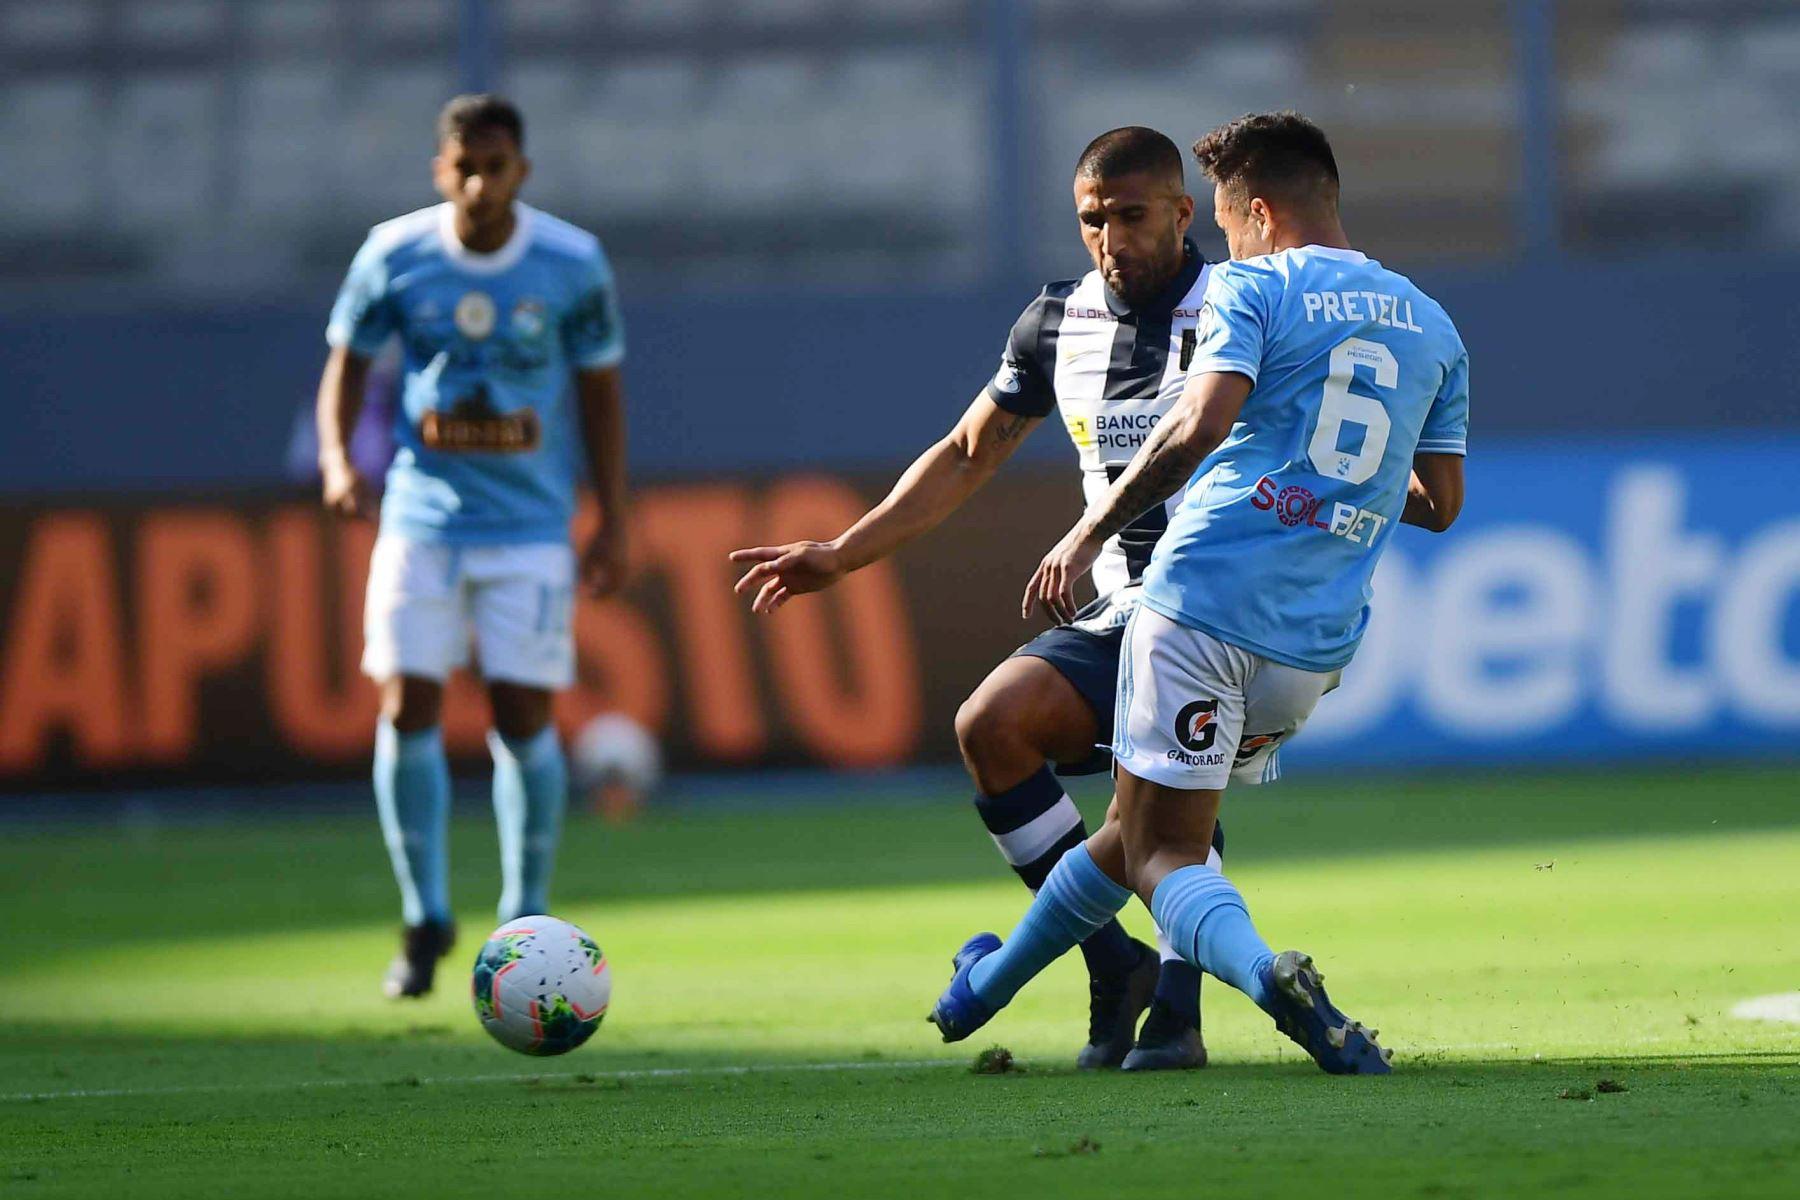 El jugador J. Pretell  de Cristal disputa el balón con el jugador de Alianza Lima  por la sexta fecha de la fase 1, en el estadio Nacional .  Foto: Liga 1